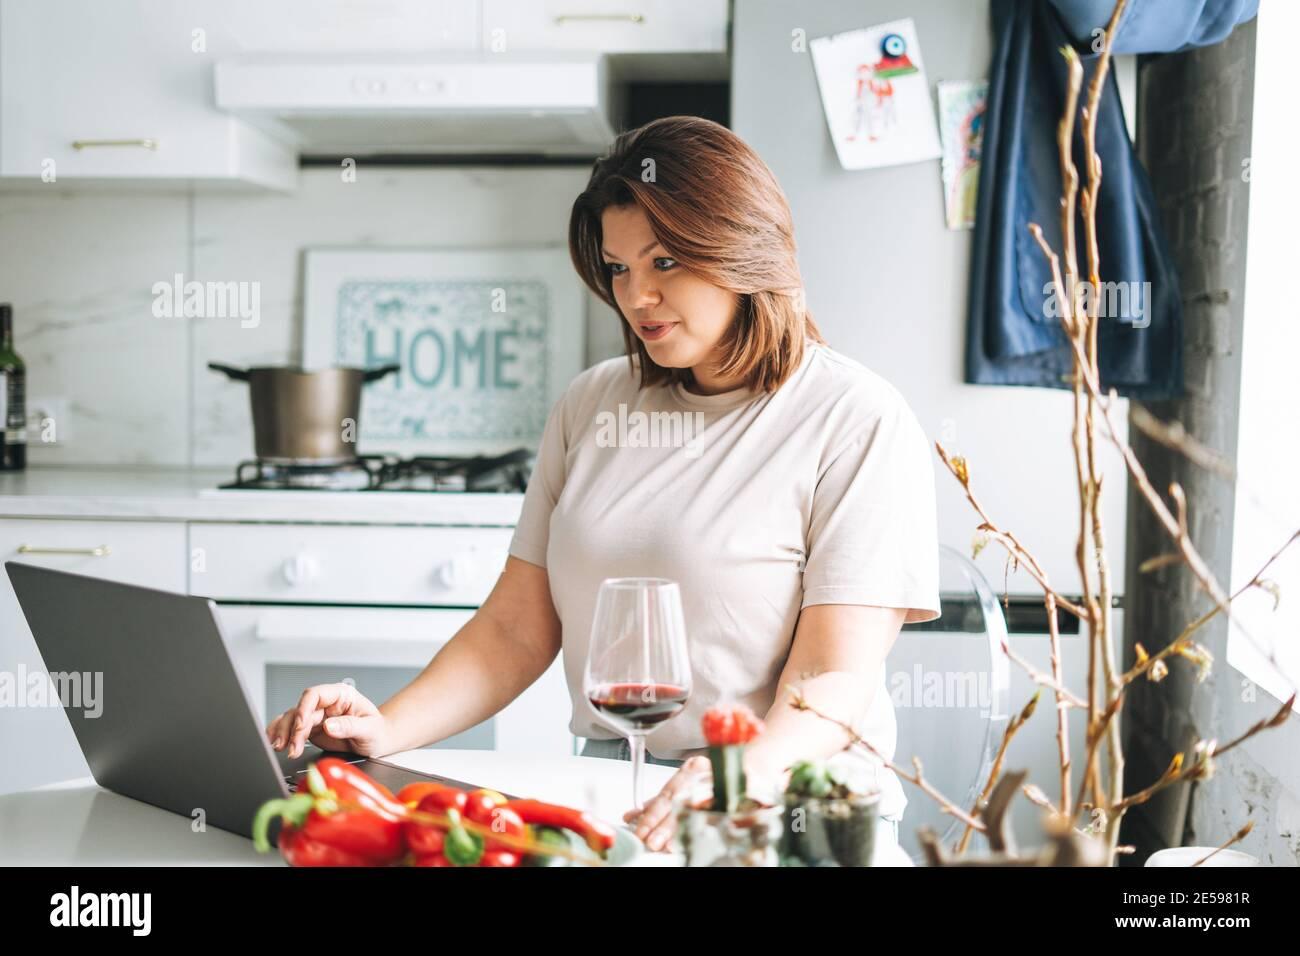 Belle brunette souriante jeune femme plus taille corps positif en utilisant ordinateur portable dans la cuisine à la maison Banque D'Images